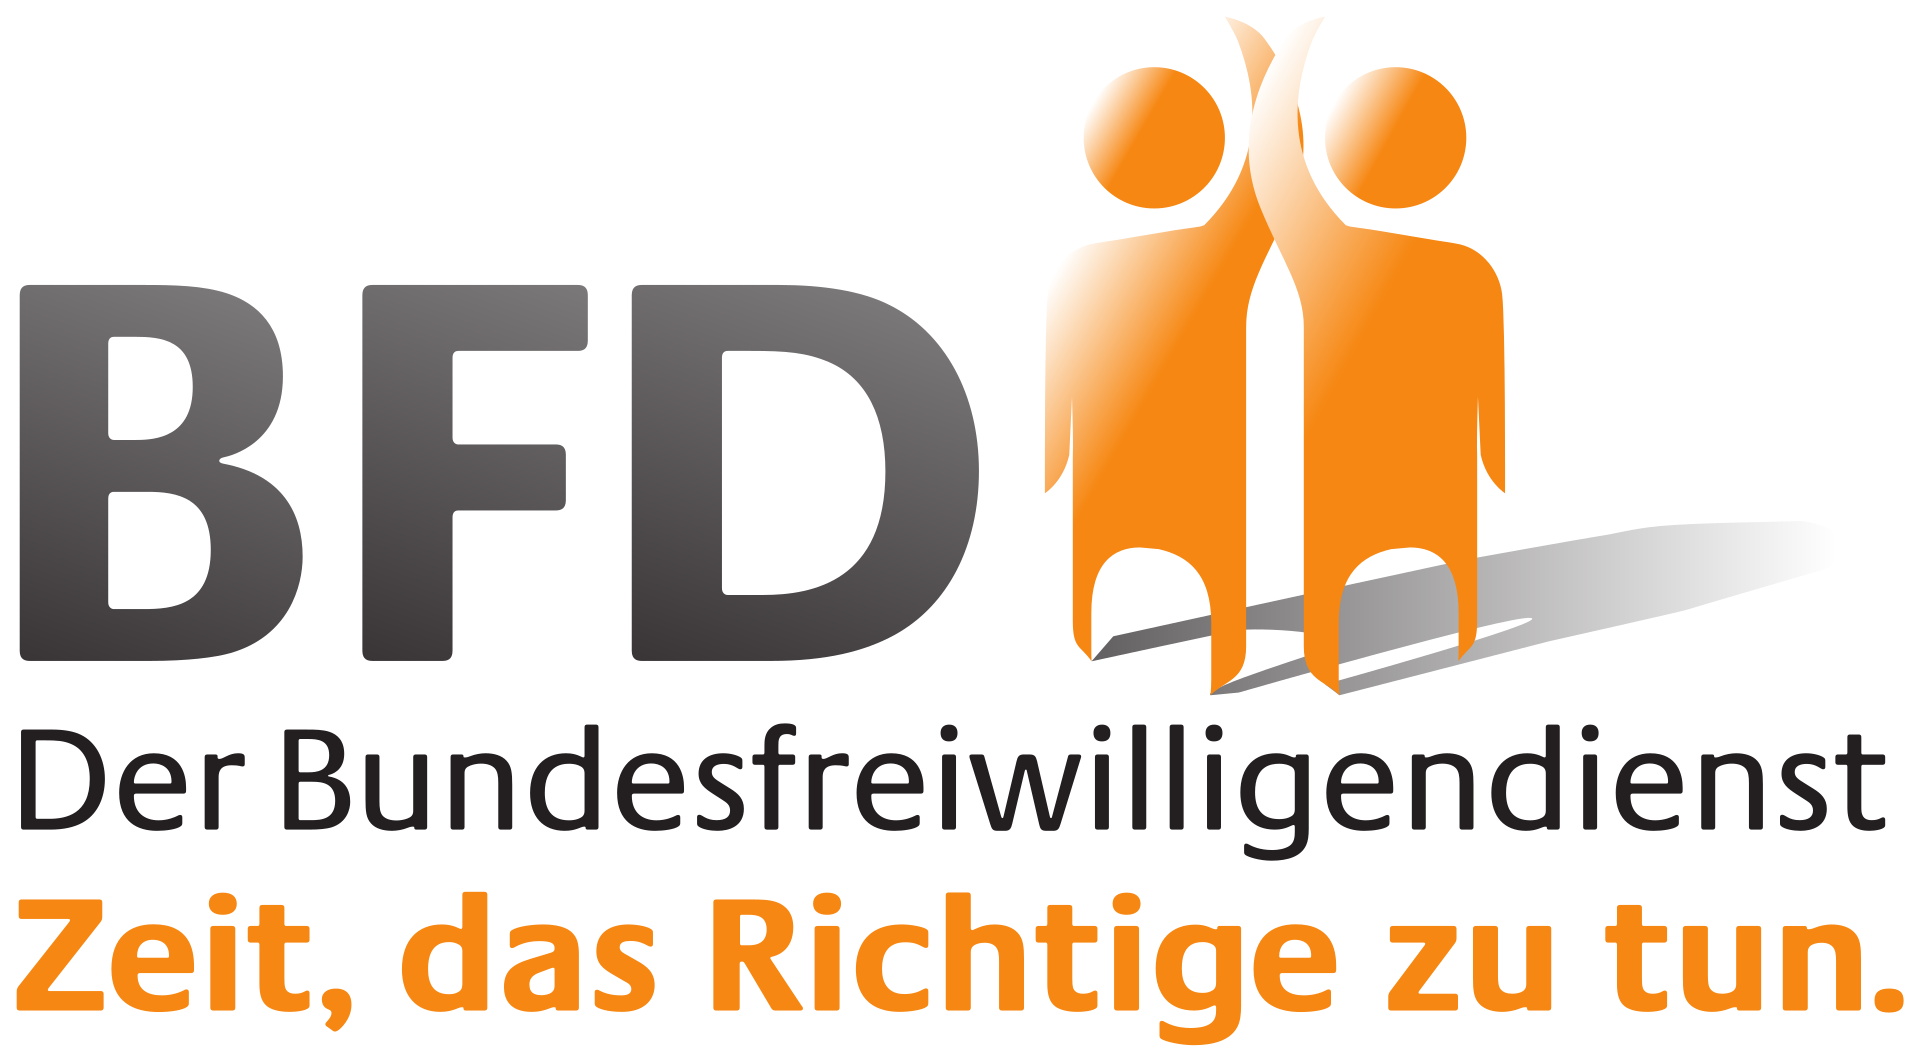 Bild Bundesfreiwilligendienst_Logo